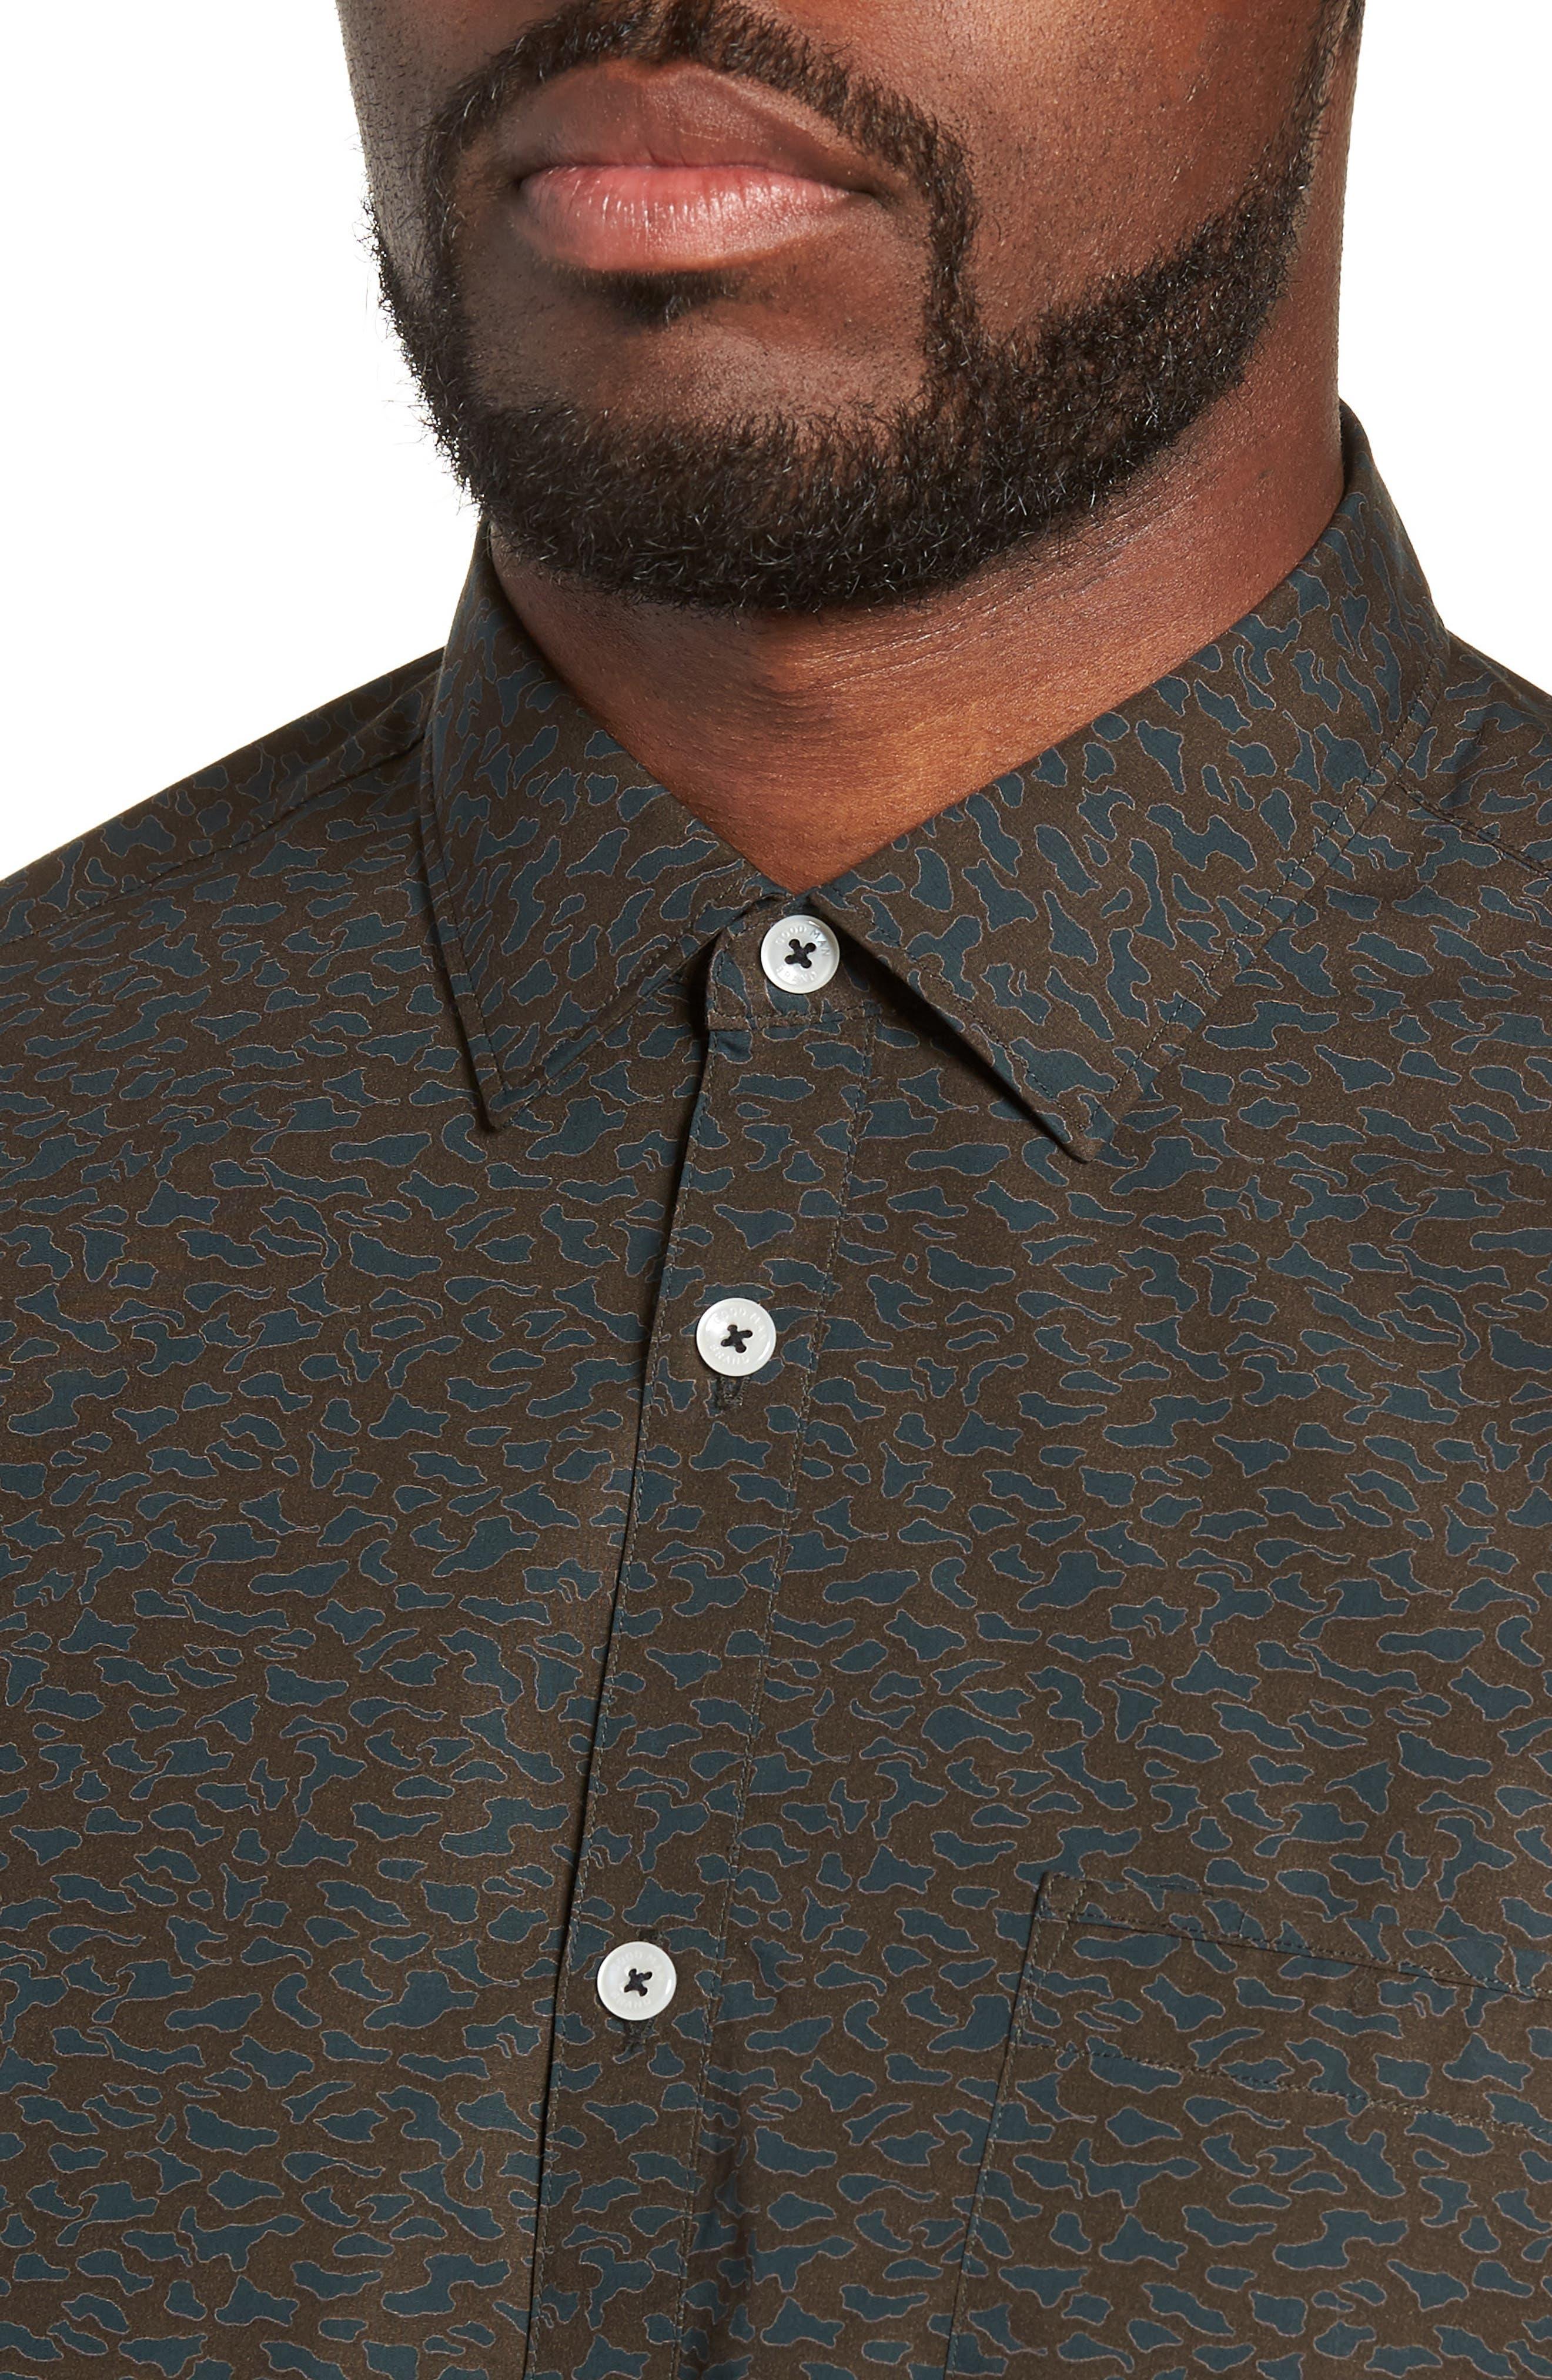 Camo Slim Fit Cotton Sport Shirt,                             Alternate thumbnail 4, color,                             FOREST